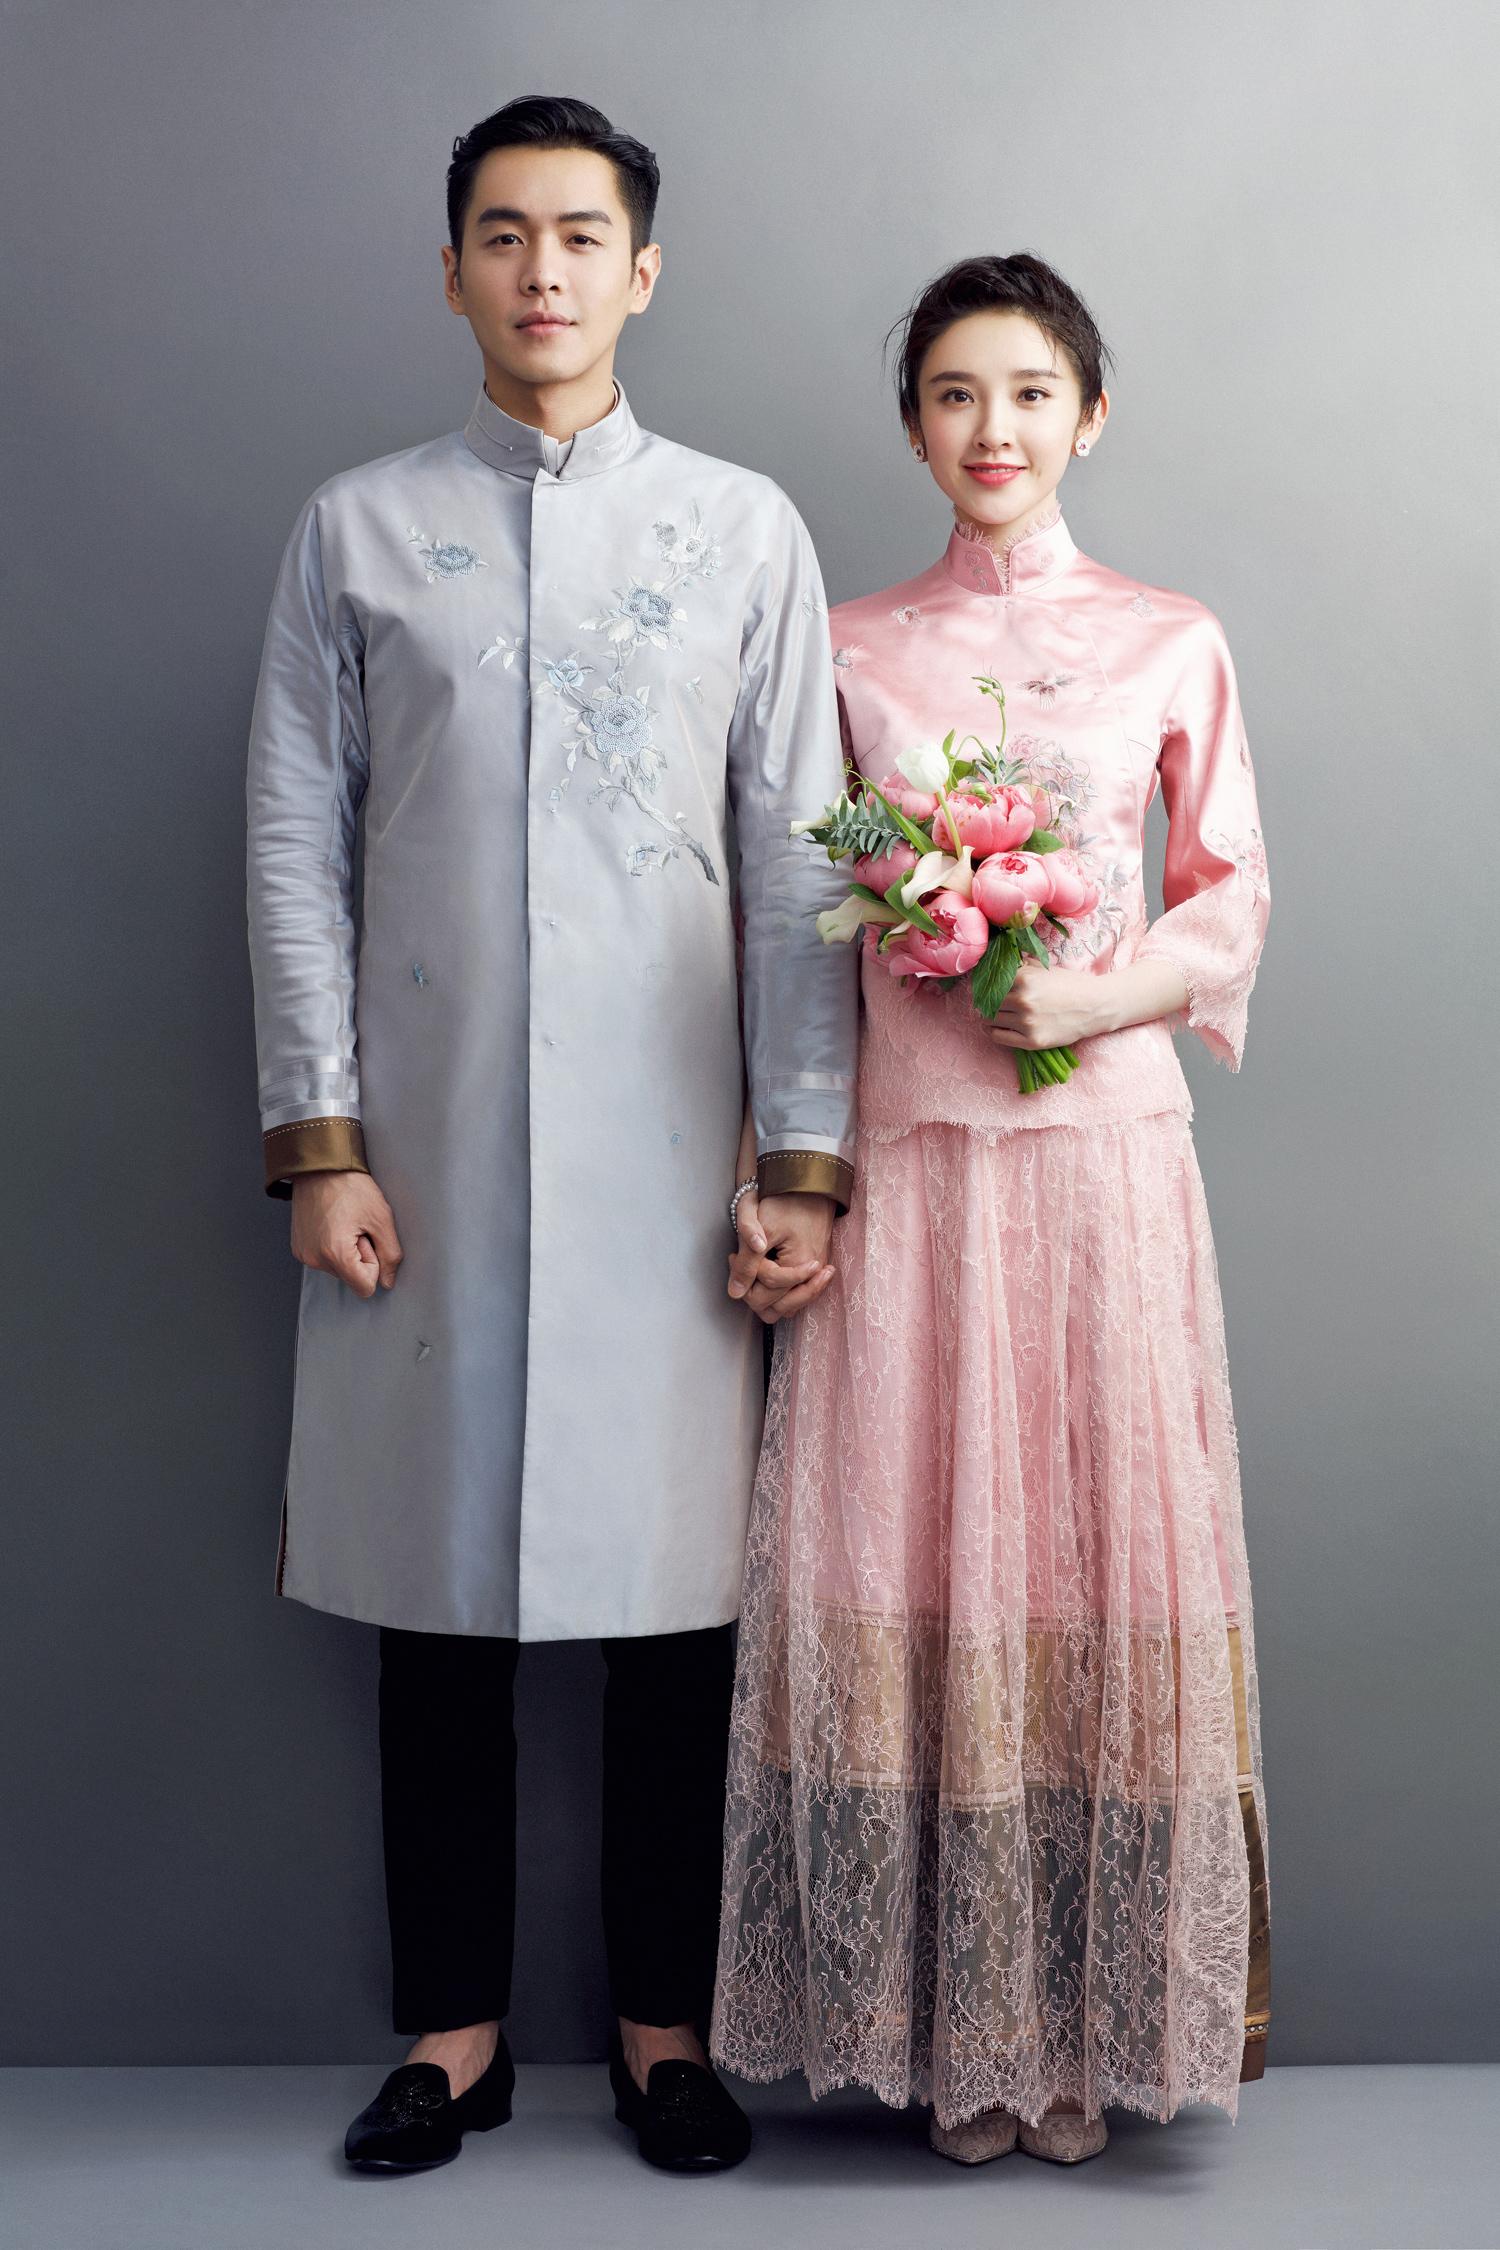 唐艺昕张若昀大婚在即!伴手礼、婚纱名字、婚礼地点全揭秘